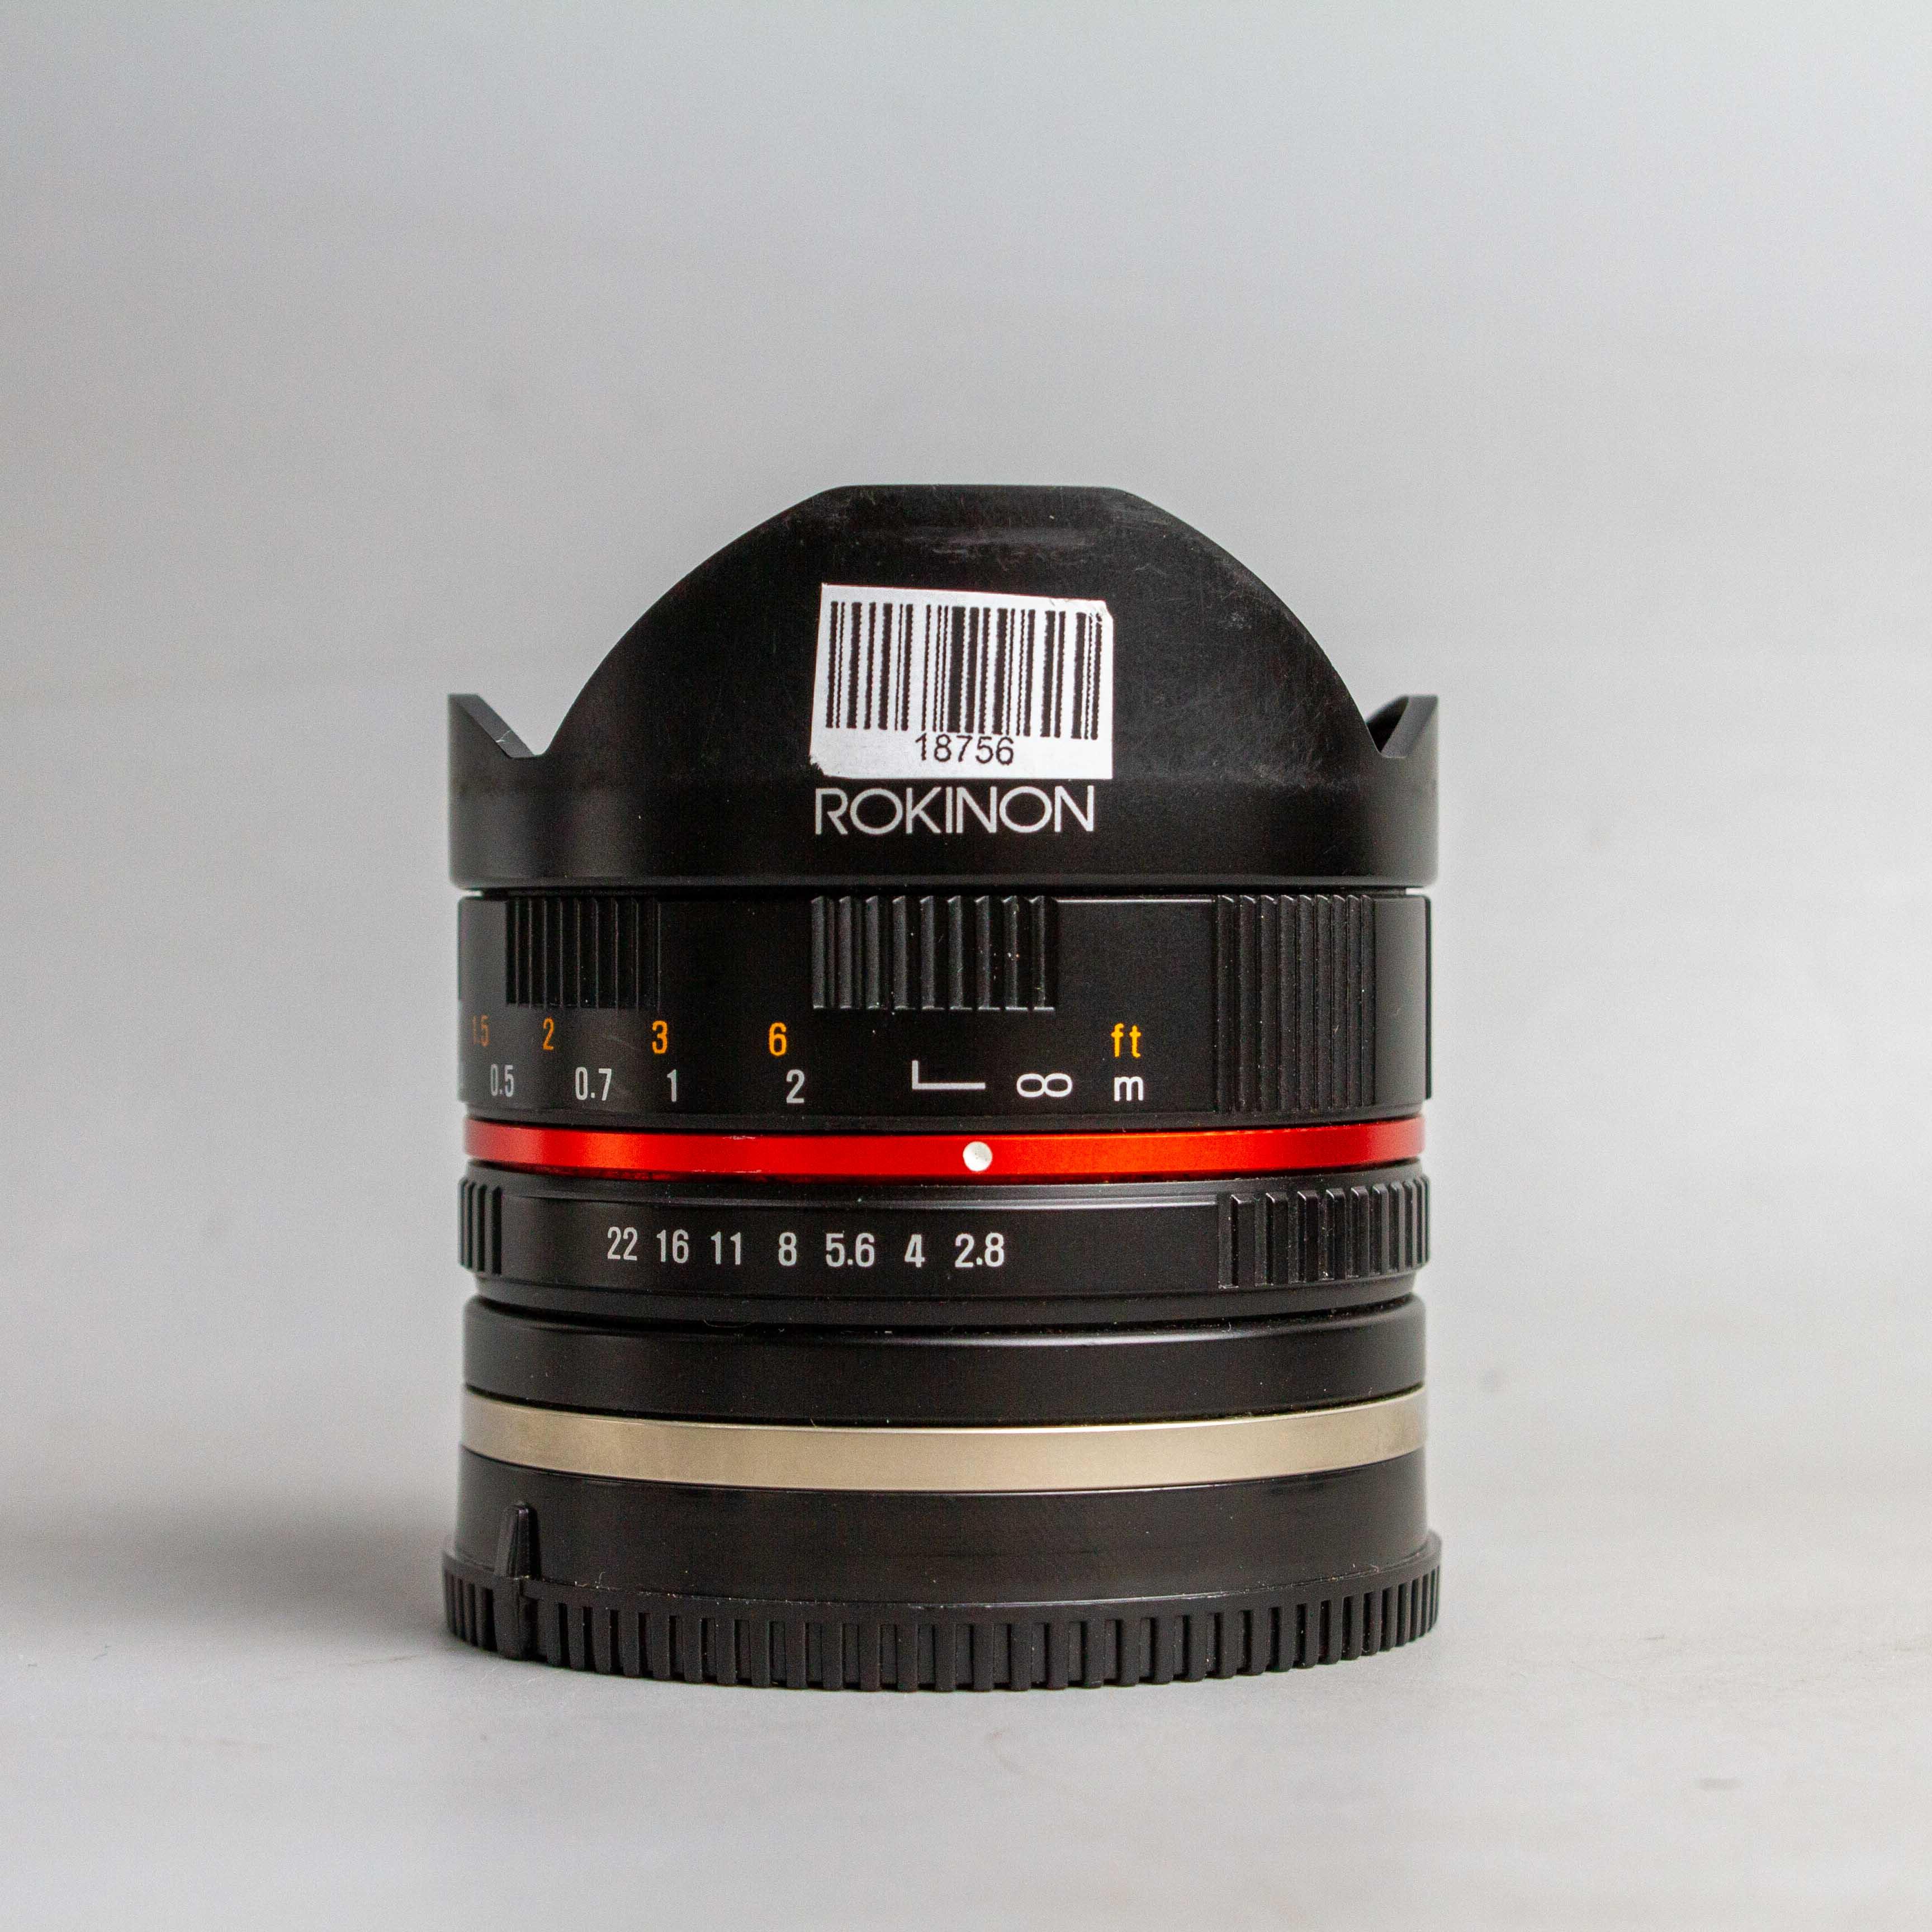 rokinon-samyang-8mm-f2-8-e-cs-8-2-8-18756